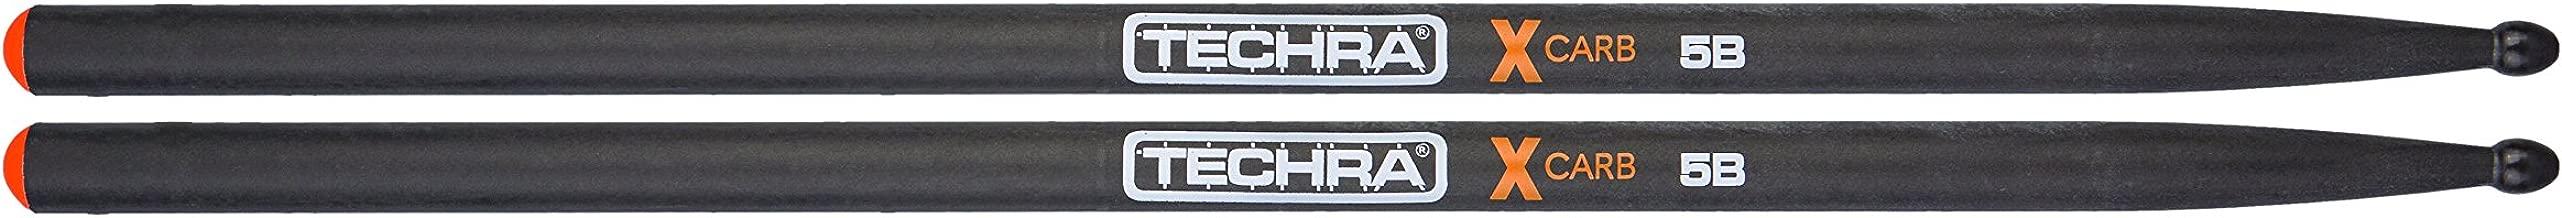 TECHRA X CARB 5B ドラムスティック